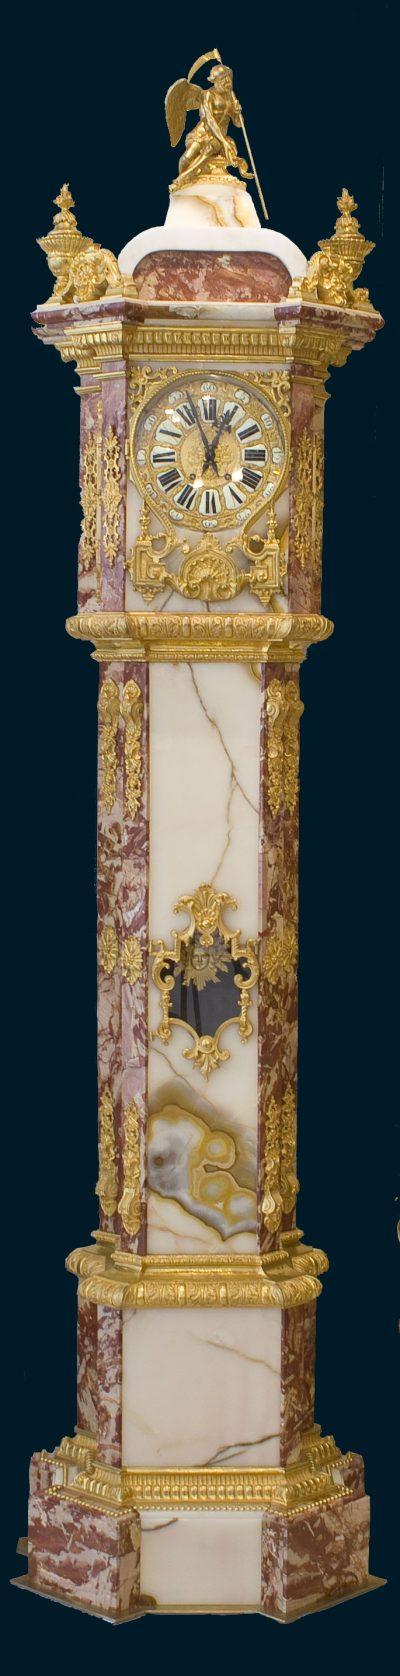 Napoleon III Longcase Clock